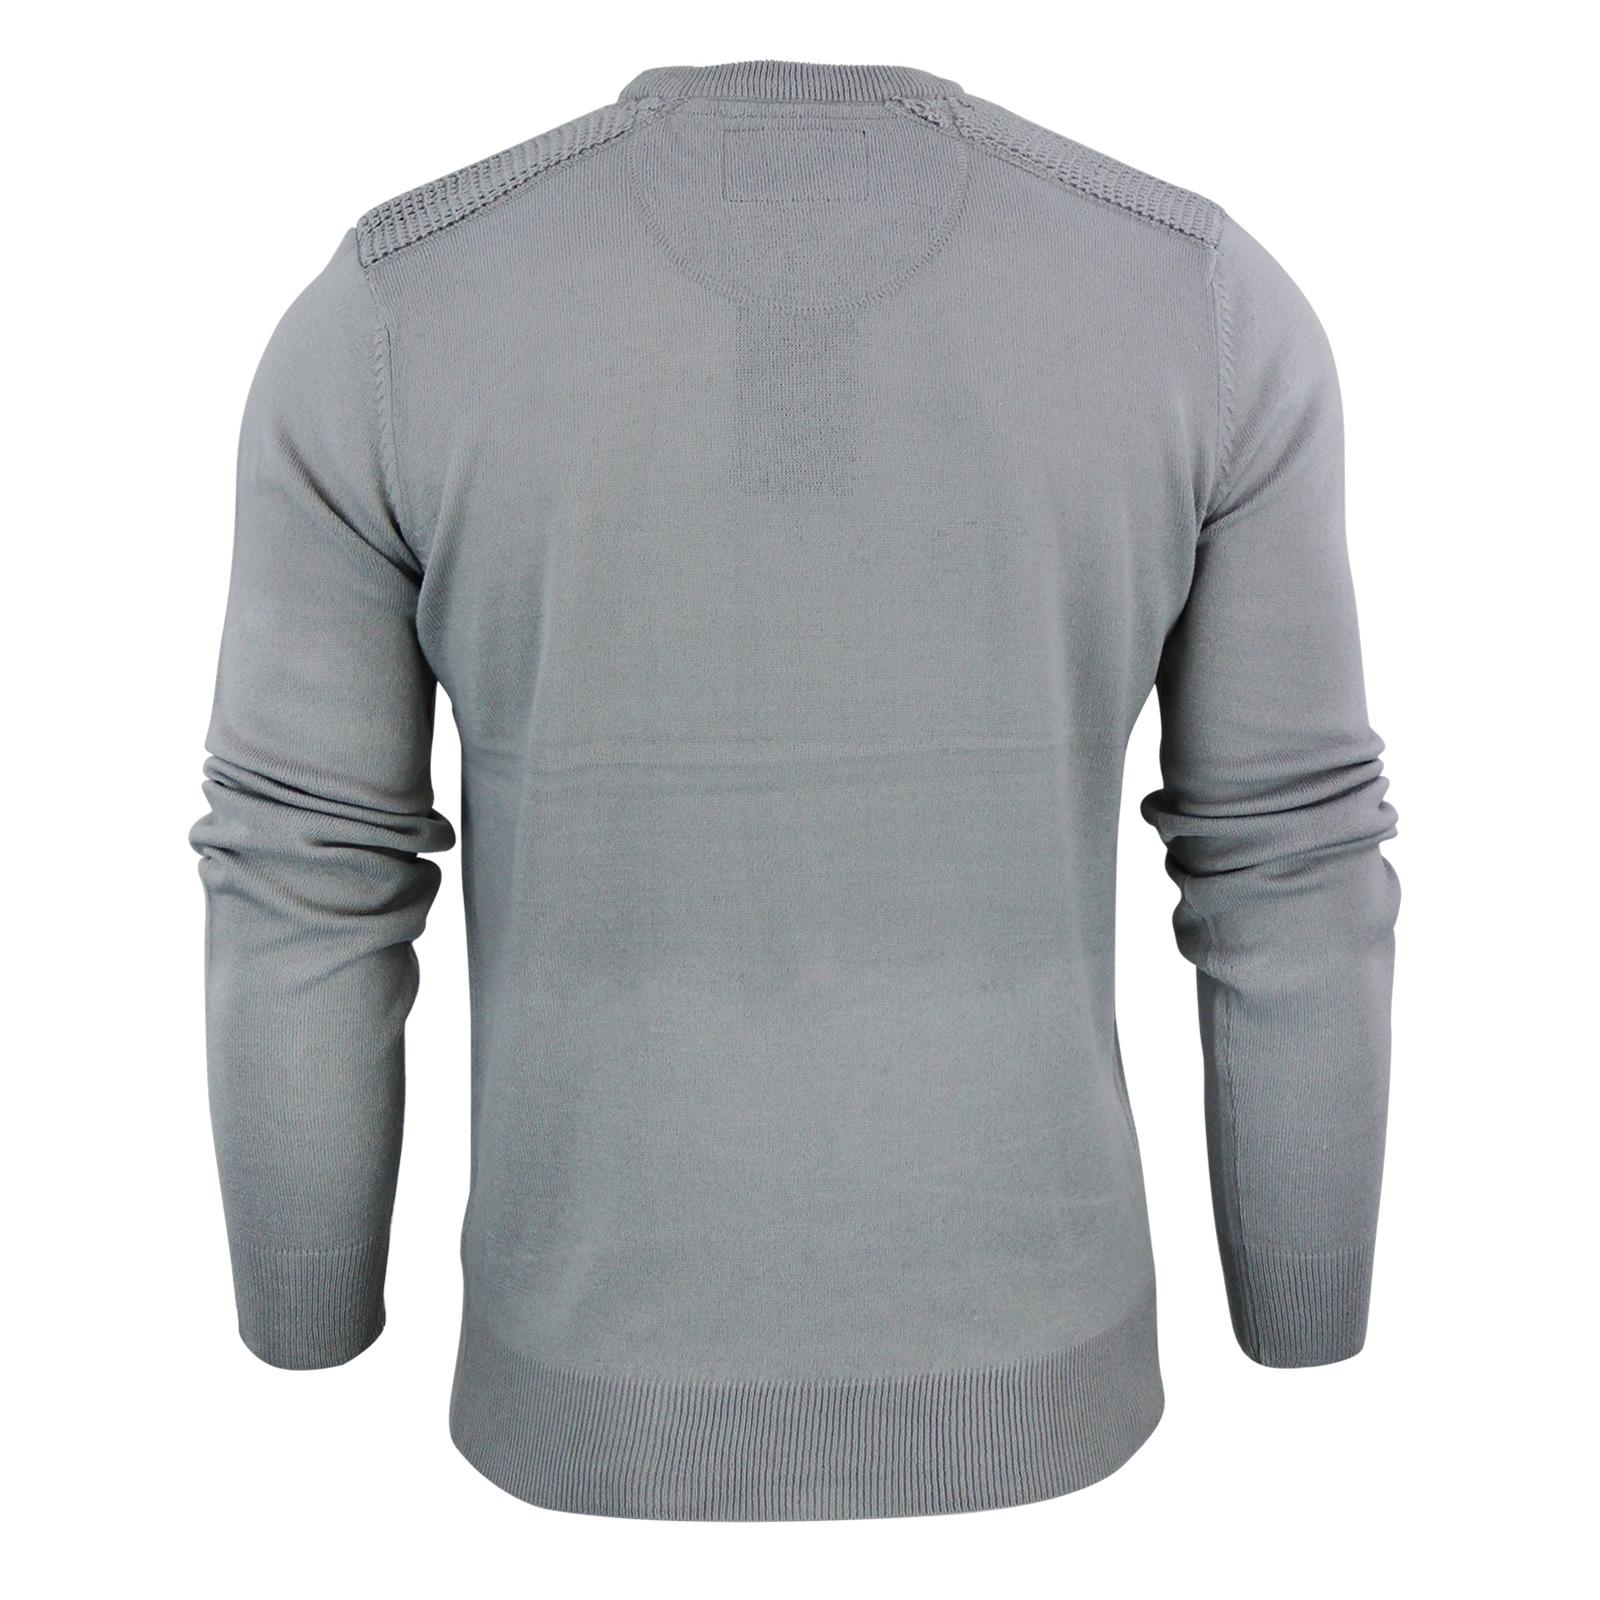 Details about Mens Jumper Brave Soul Luna Crew Neck Sweater With Shoulder Detailing